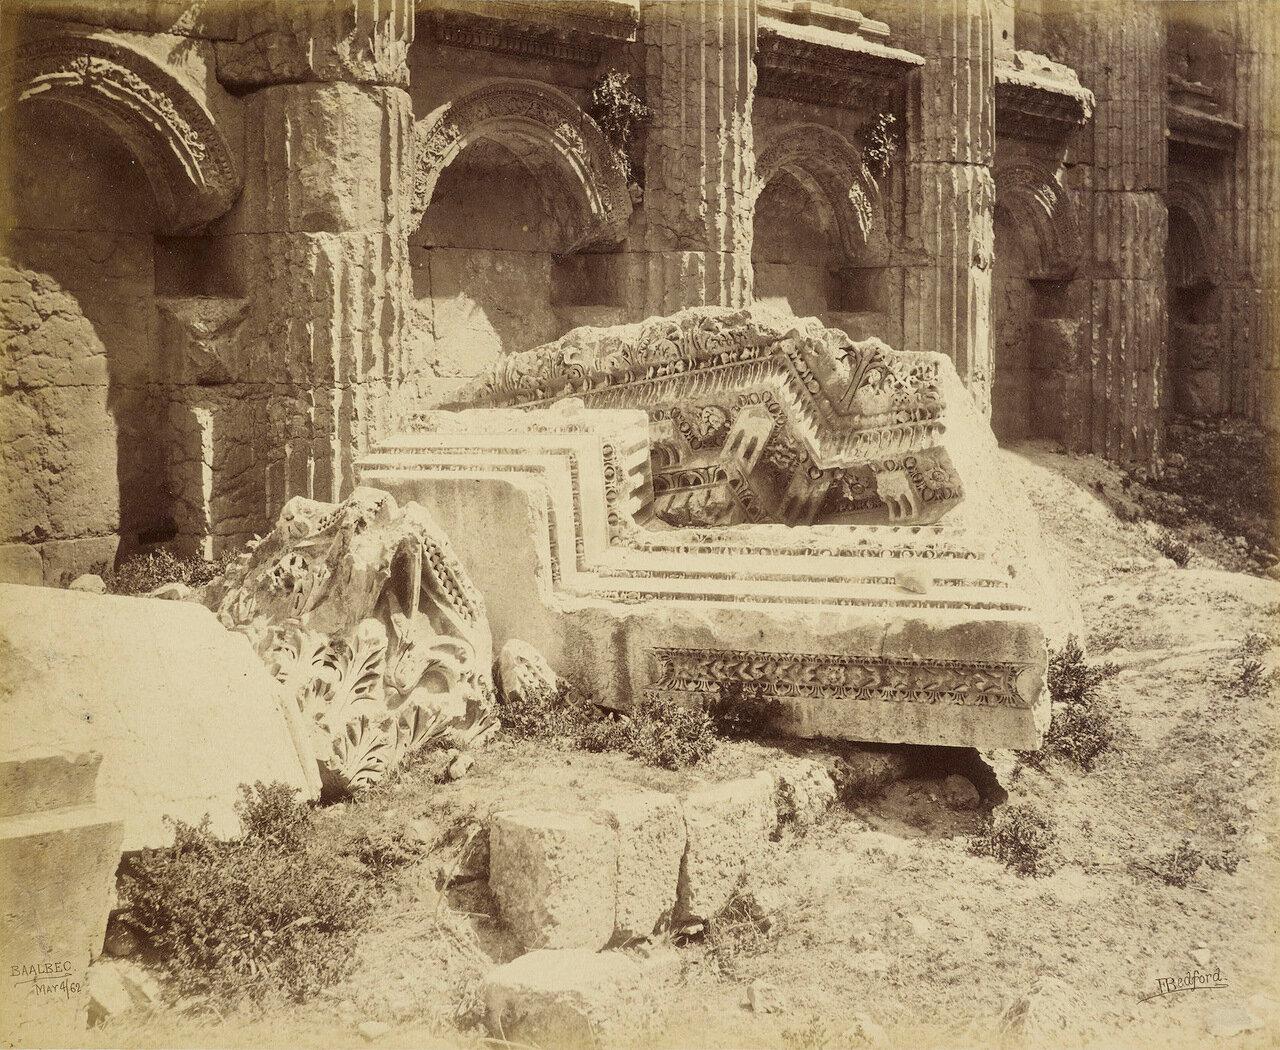 4 мая 1862. Скульптурные фрагменты в храме Бахуса. Баальбек